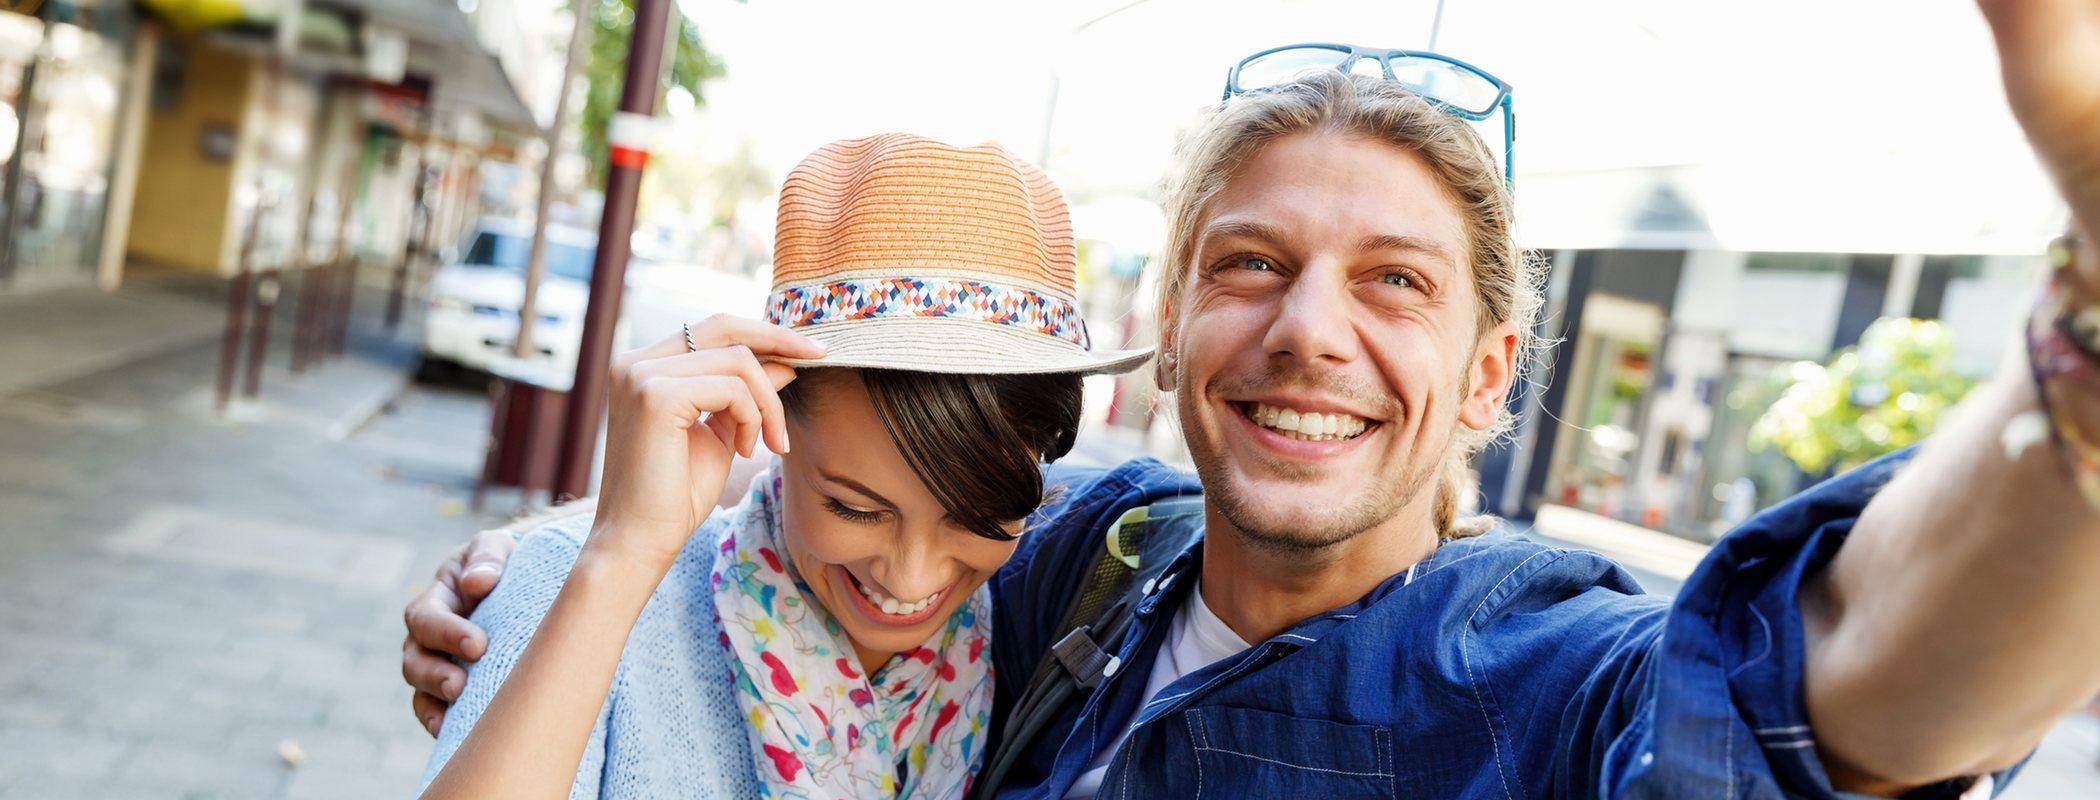 5 planes para parejas aprovechando el buen tiempo